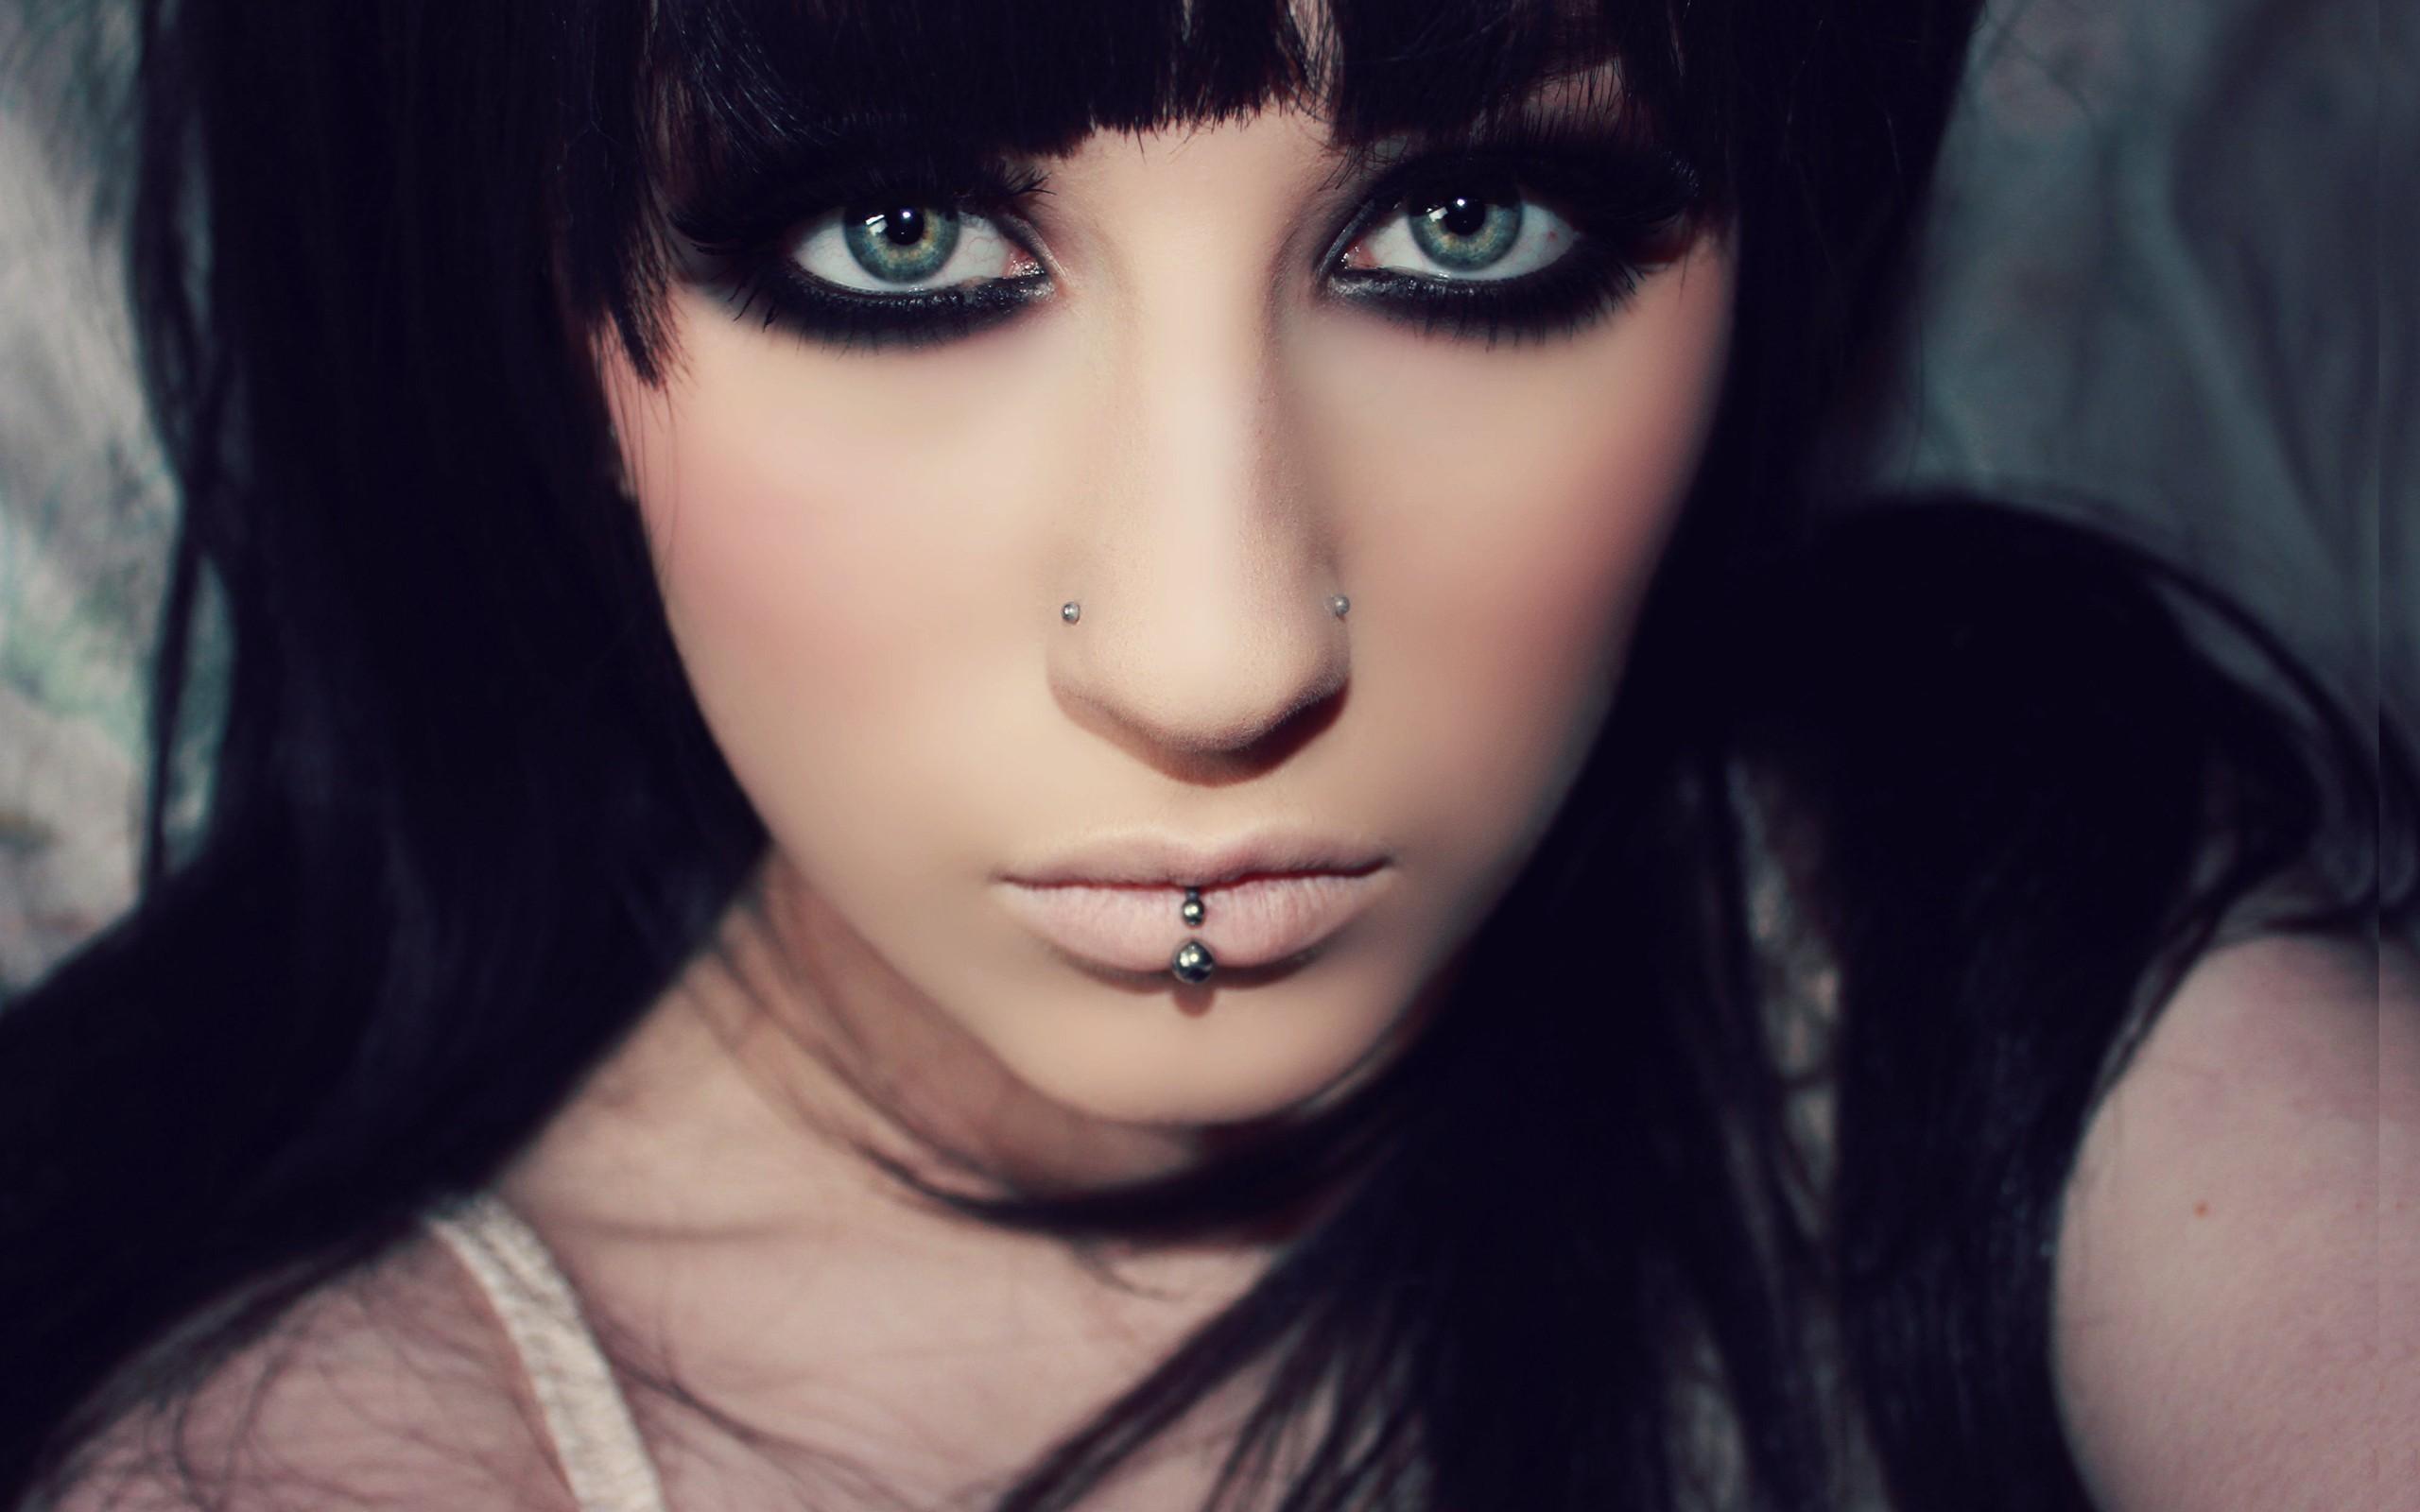 девушка, губы, глаза